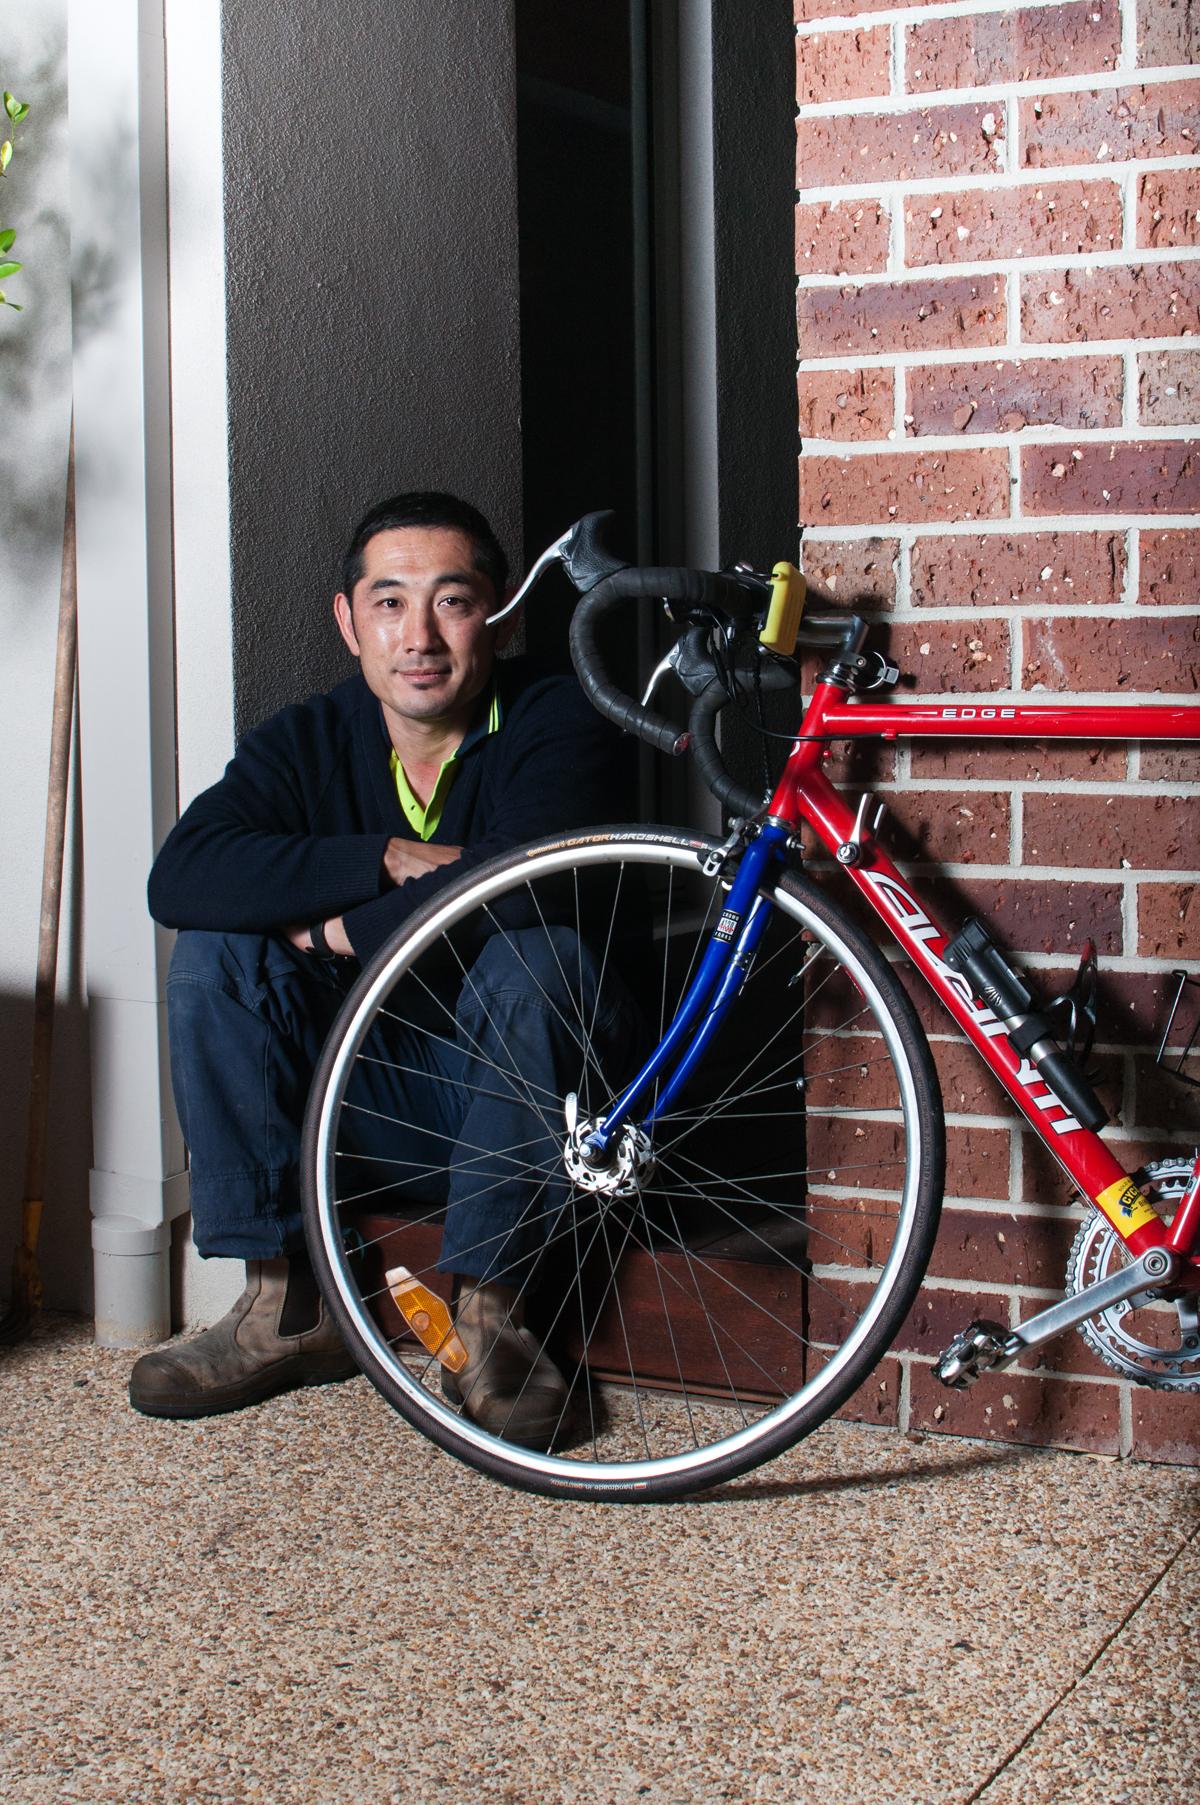 #03 - TAKESHI UMEZU   BIKE: AVANTI EDGE COMP SERIES ROAD BIKE